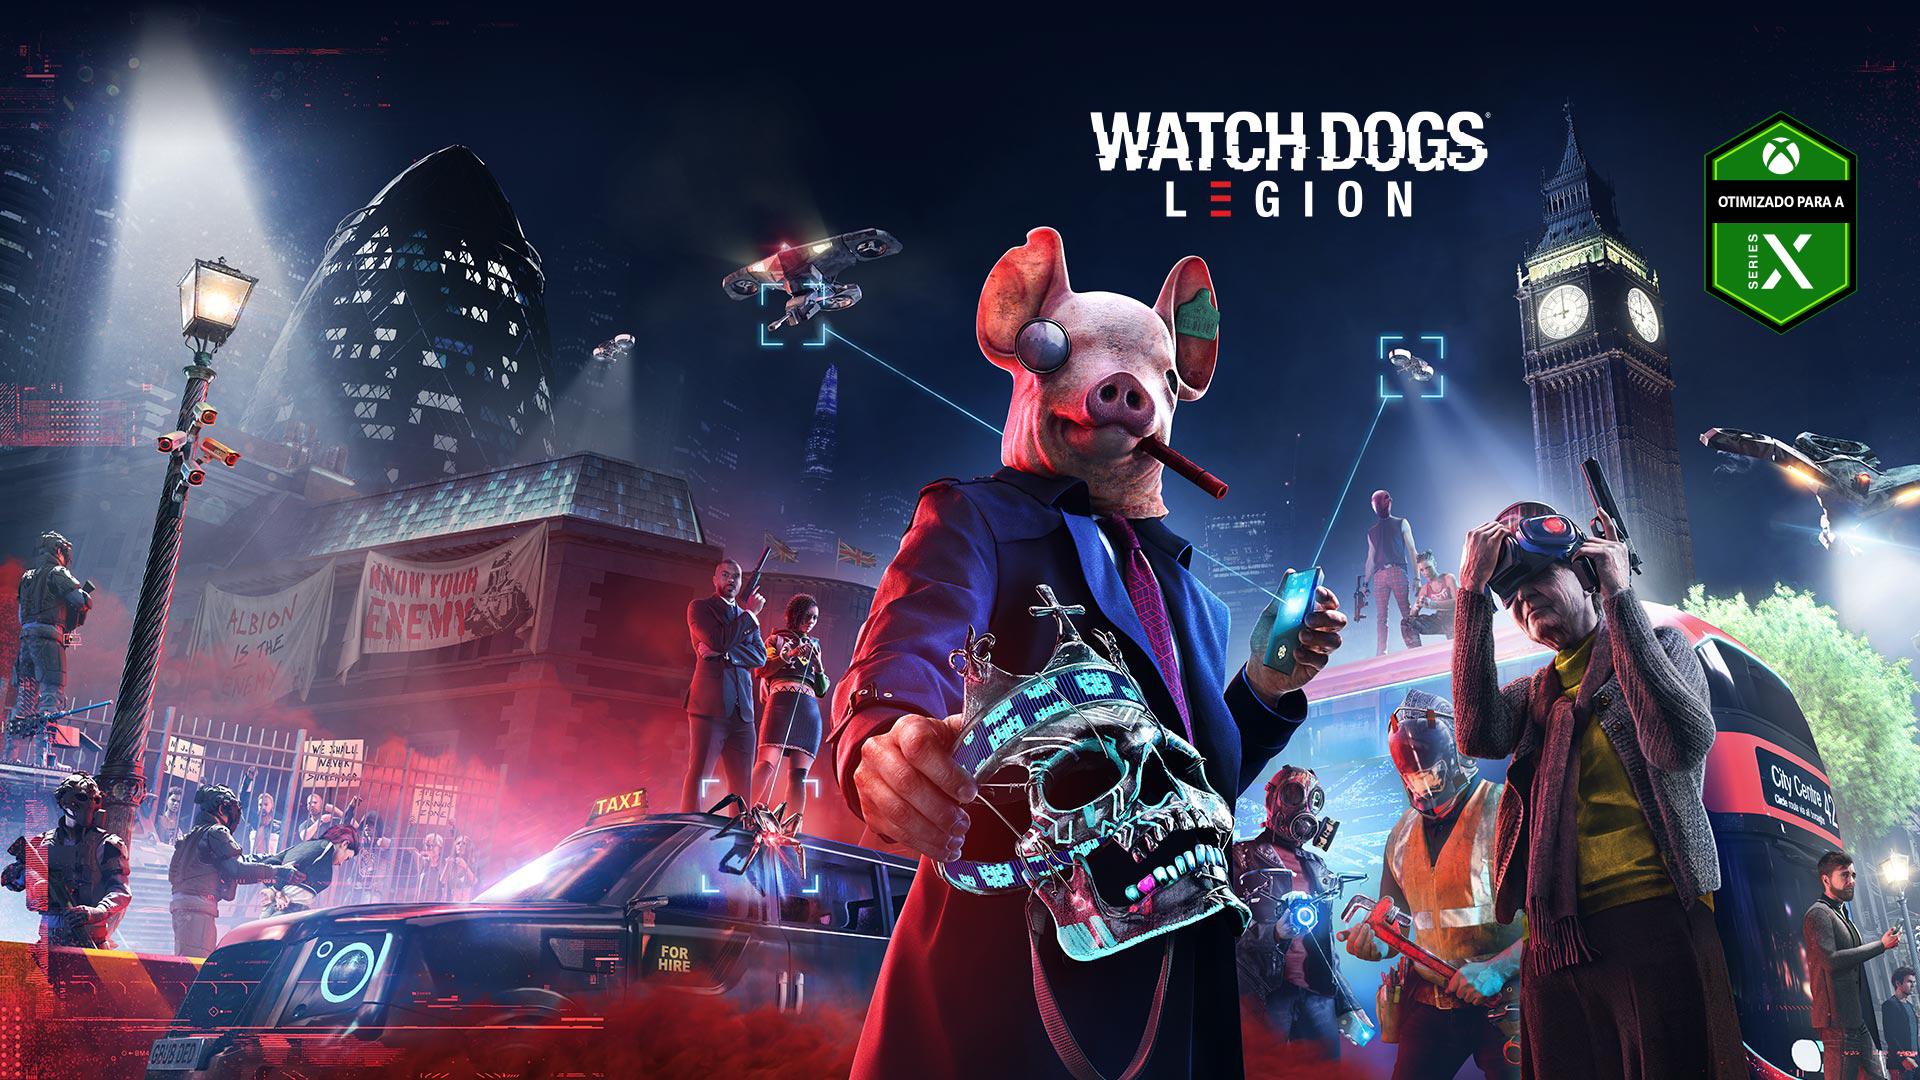 Emblema de otimizado para a Series X, logótipo do Watch Dogs Legion, uma pessoa com uma máscara de porco a segurar numa caveira, dois drones, o Big Ben e outras personagens com armas